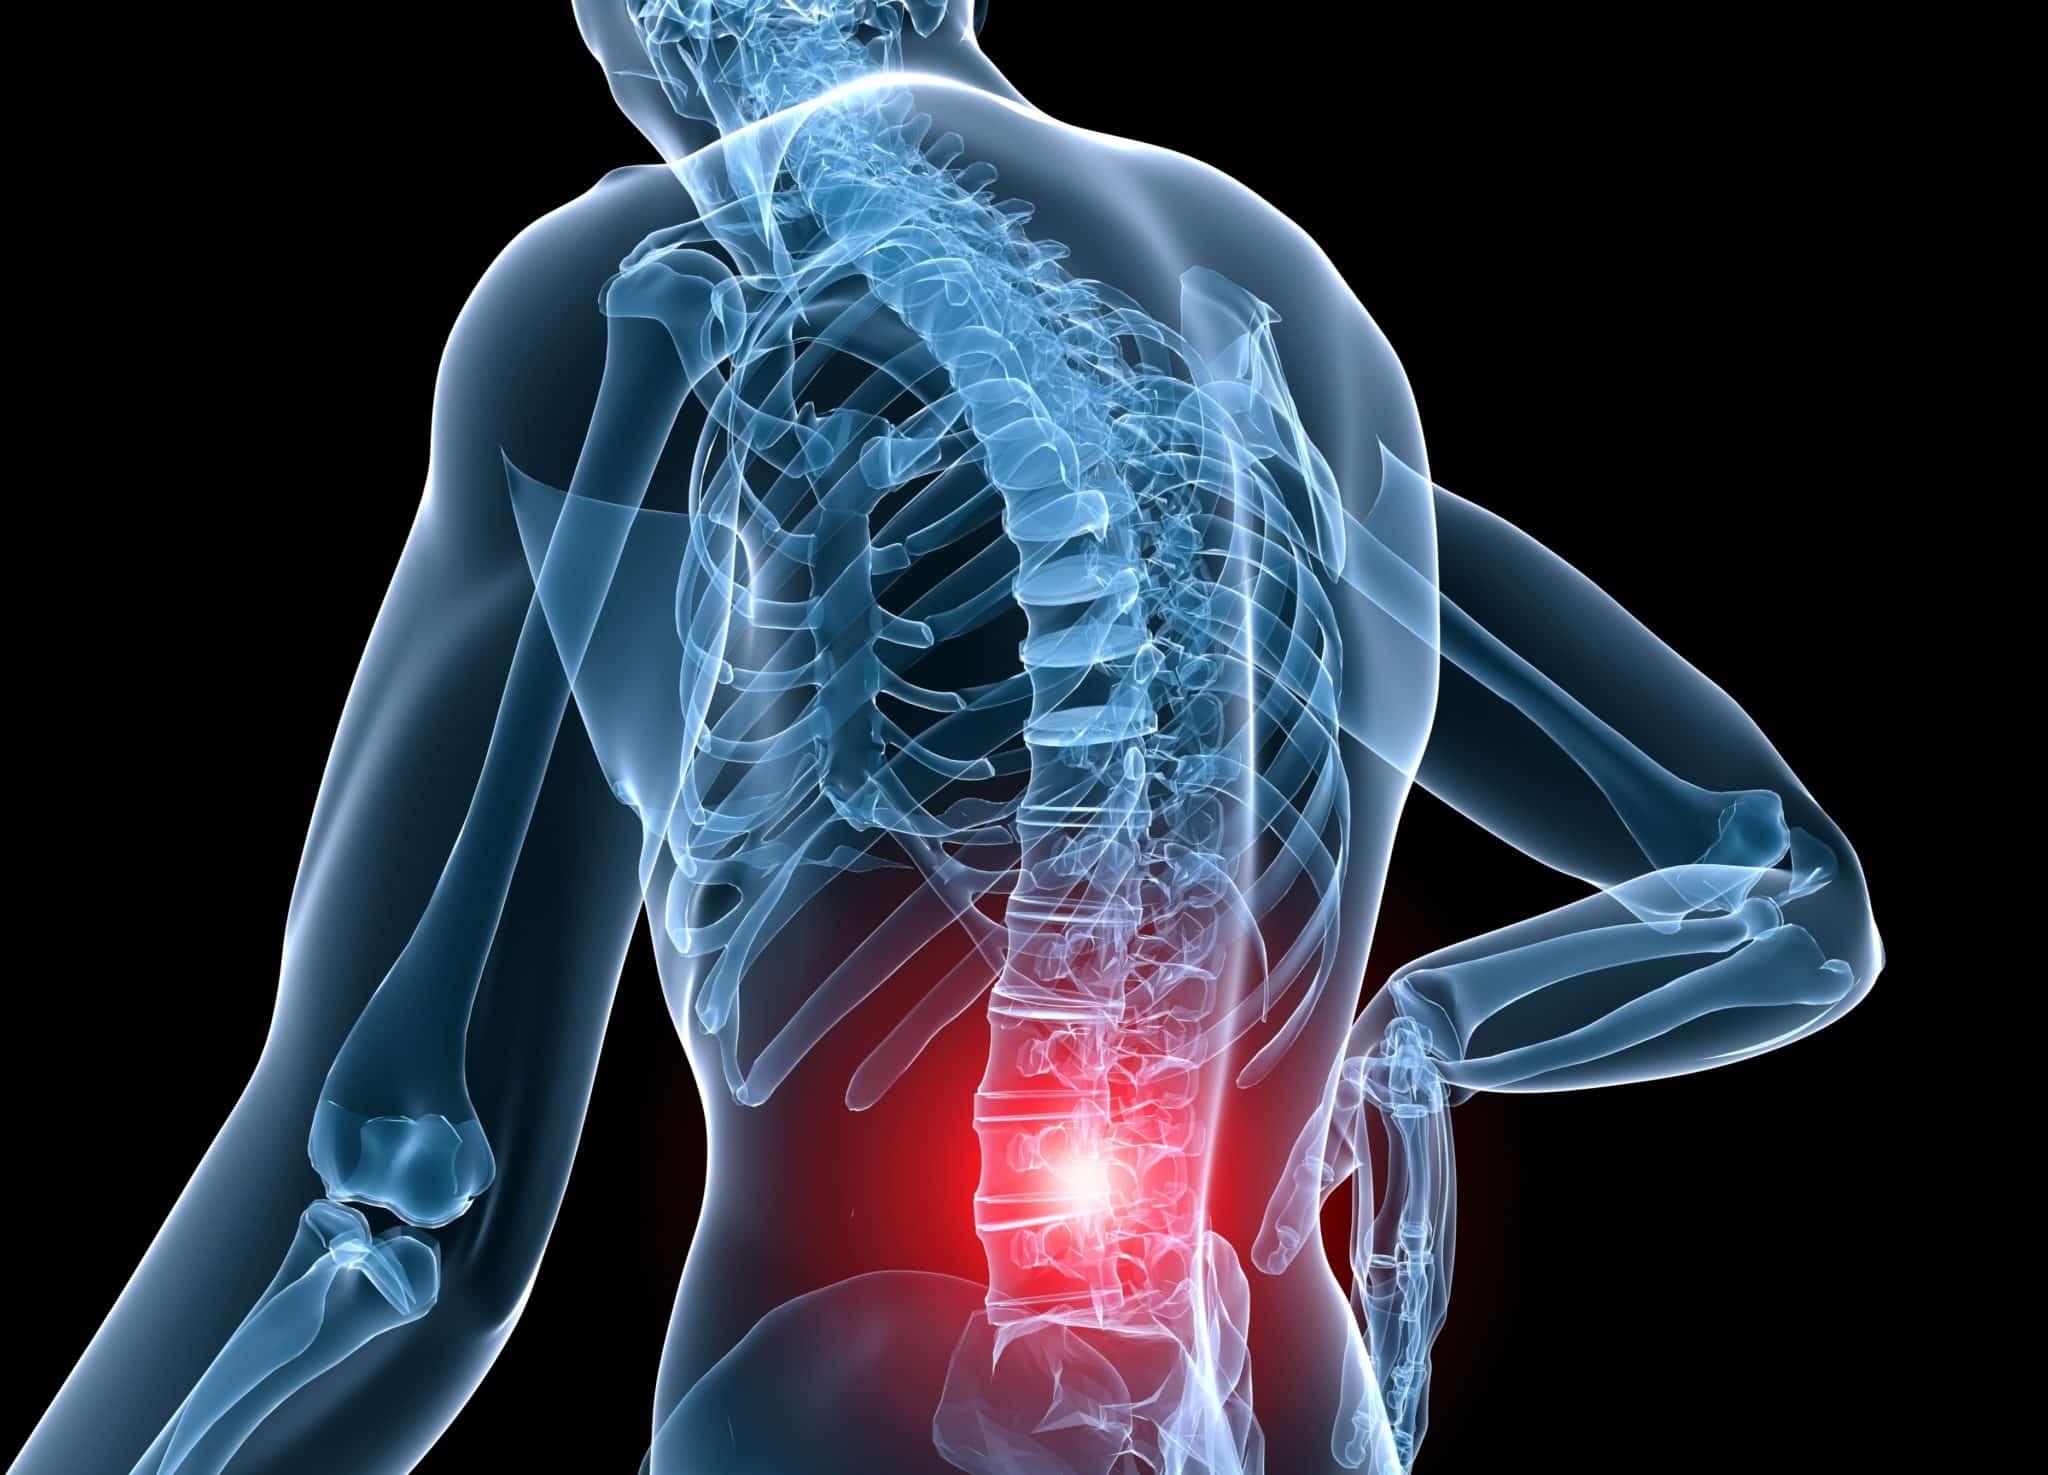 Cirugía para el dolor de espalda y problemas de columna: riesgos de los procedimientos quirúrgicos